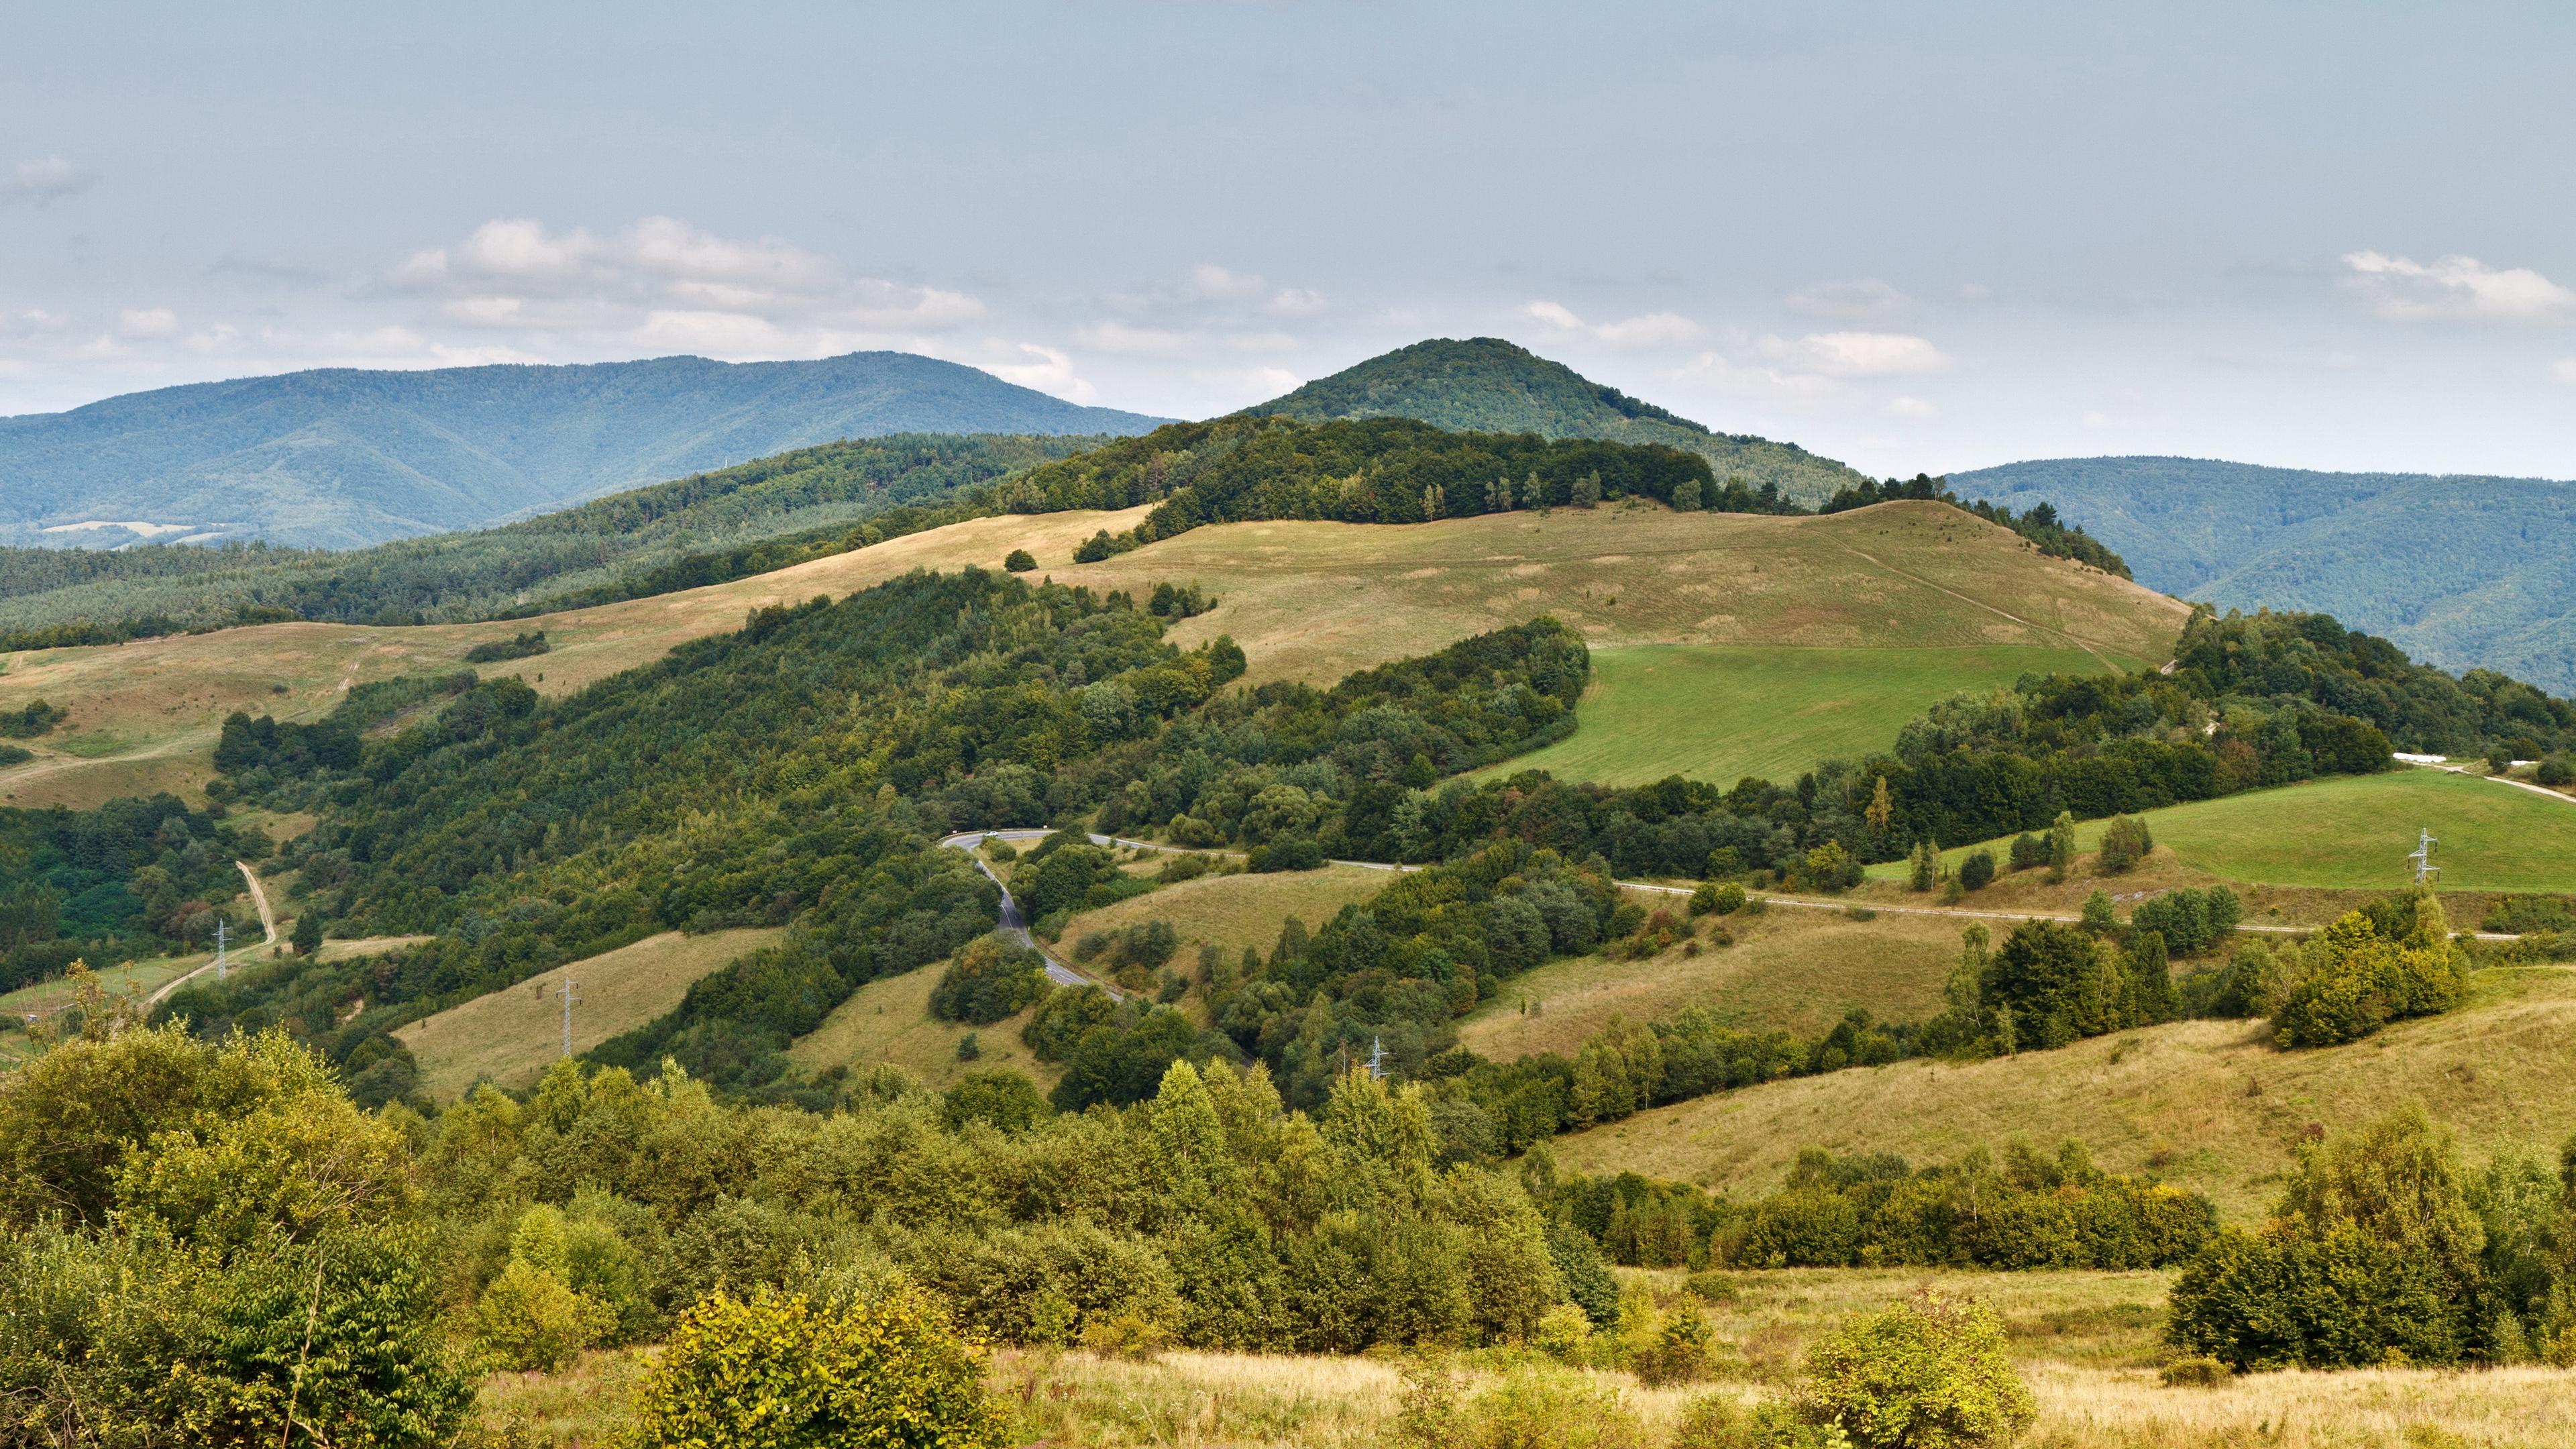 slovakia mountains grass sky 4k 1541116115 - slovakia, mountains, grass, sky 4k - slovakia, Mountains, Grass